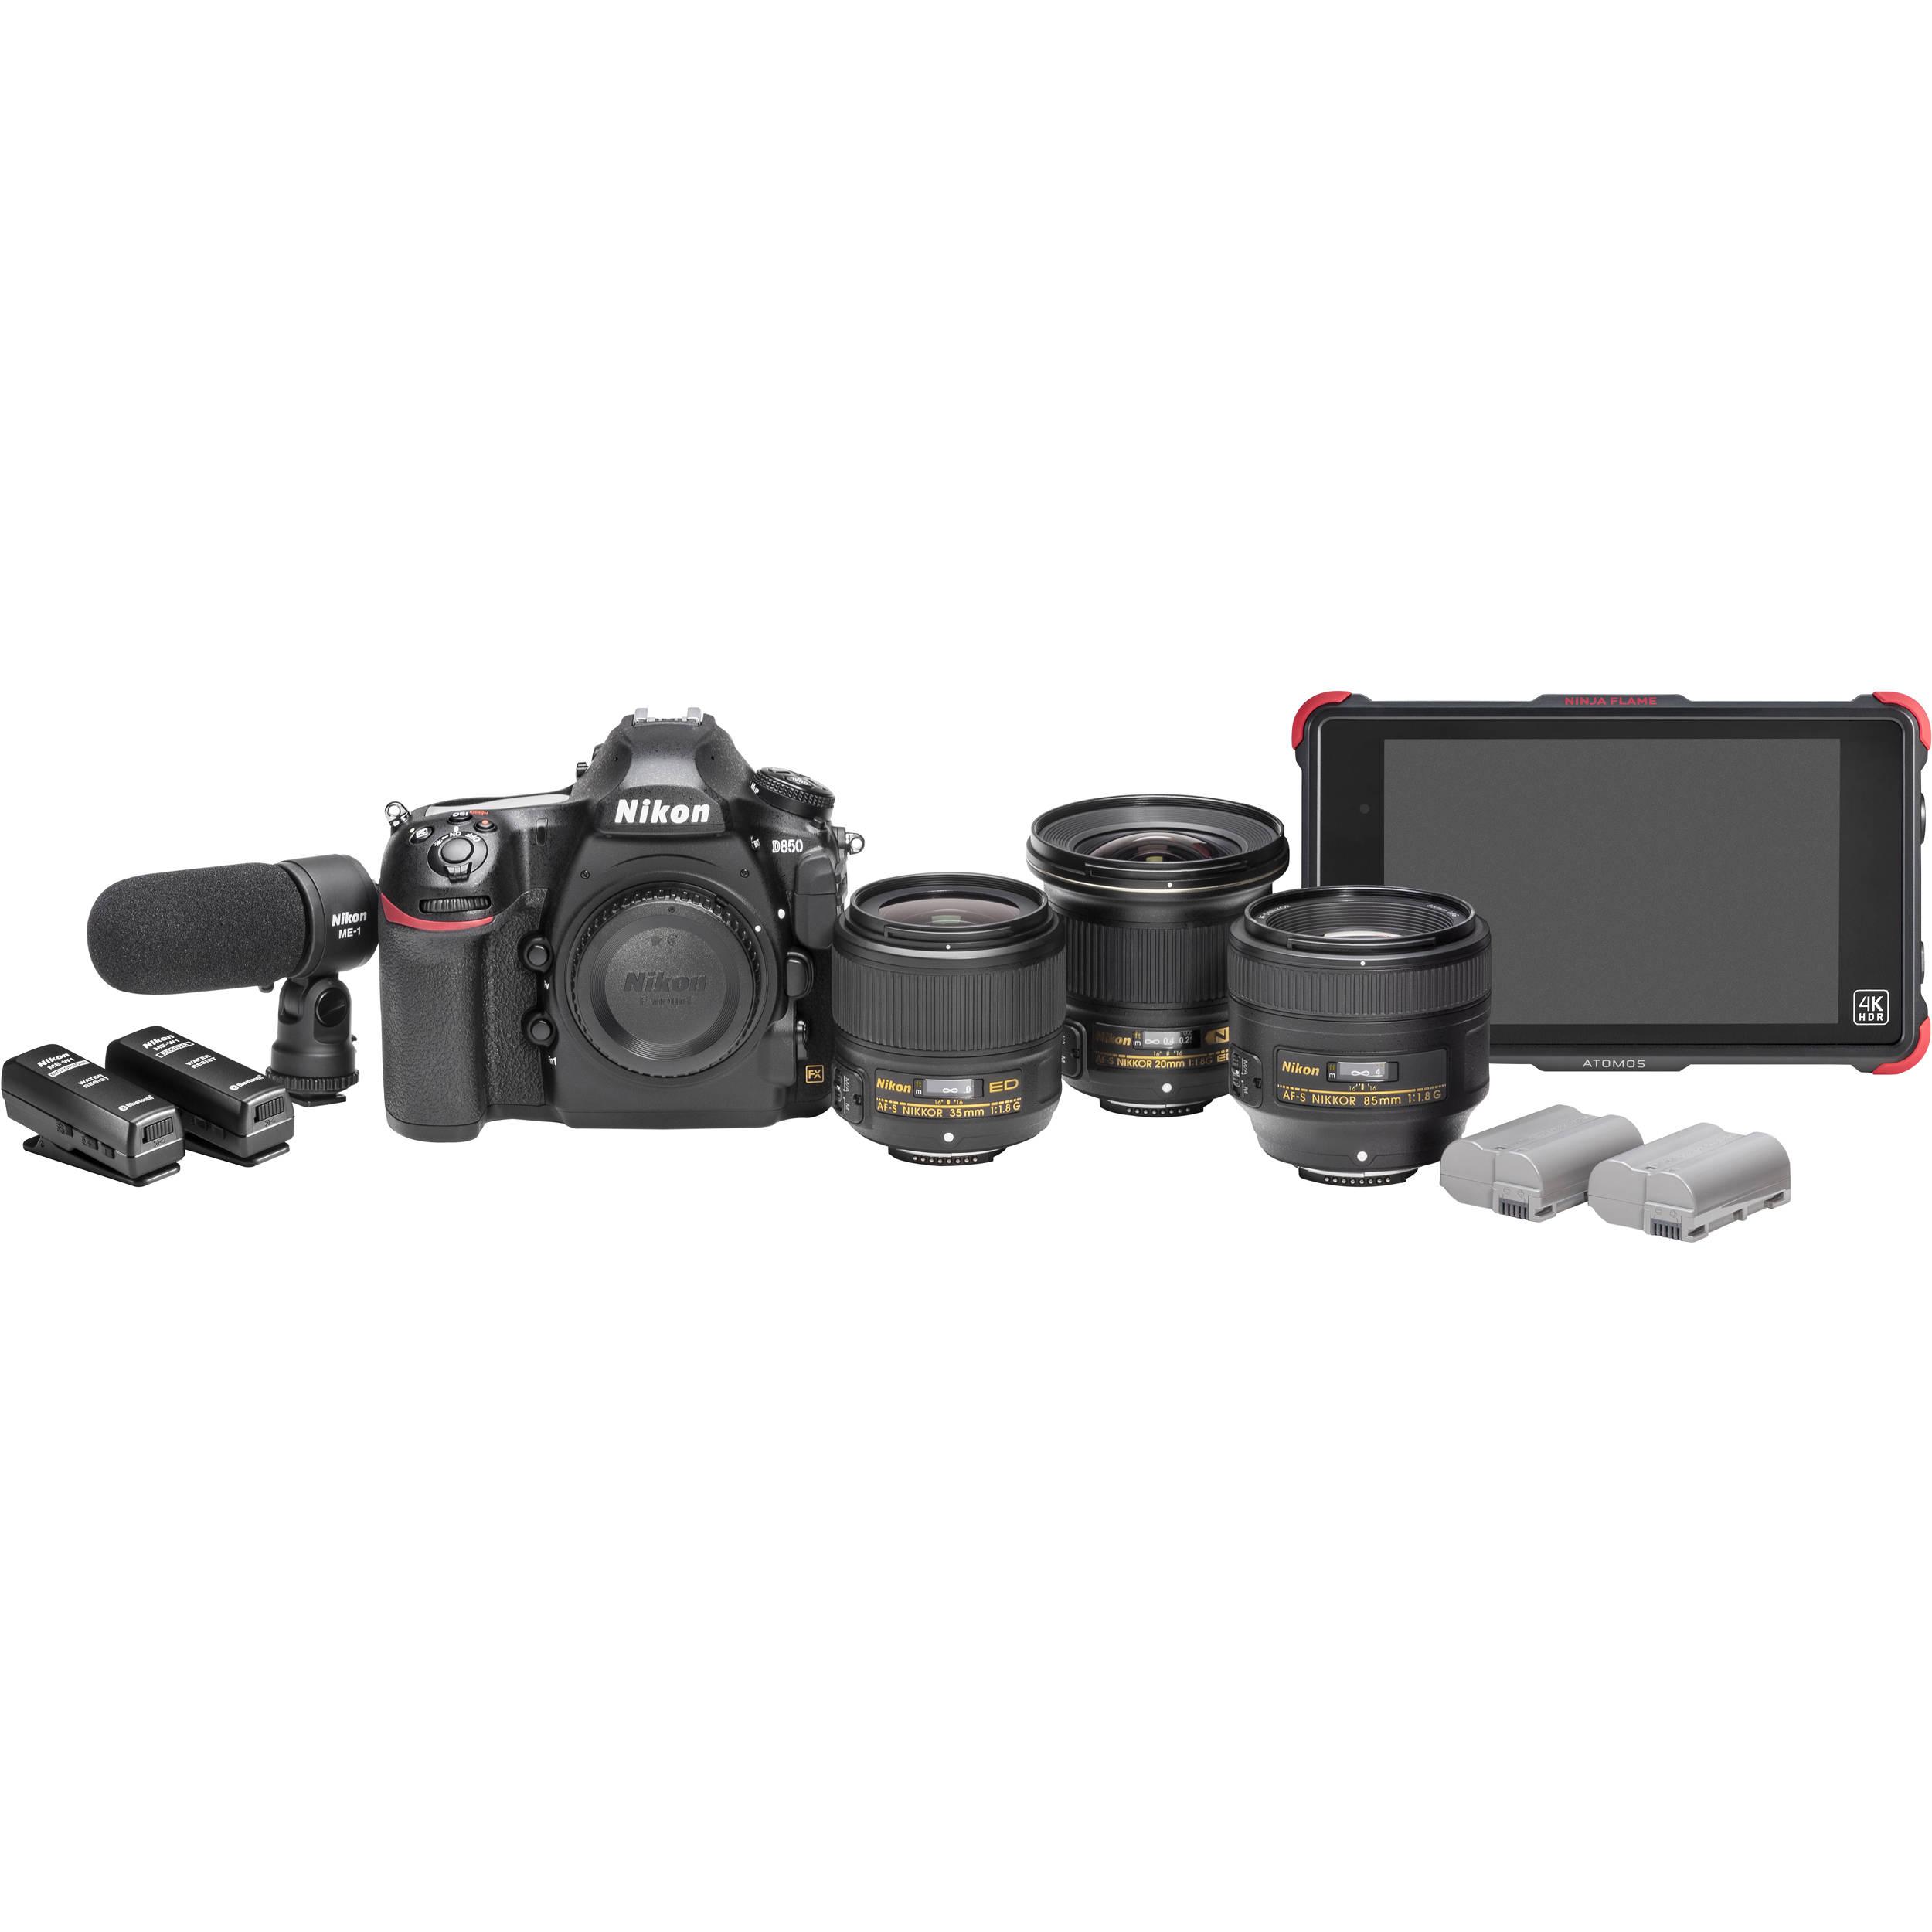 Nikon D850 Filmmaker\'s Kit 13538 B&H Photo Video